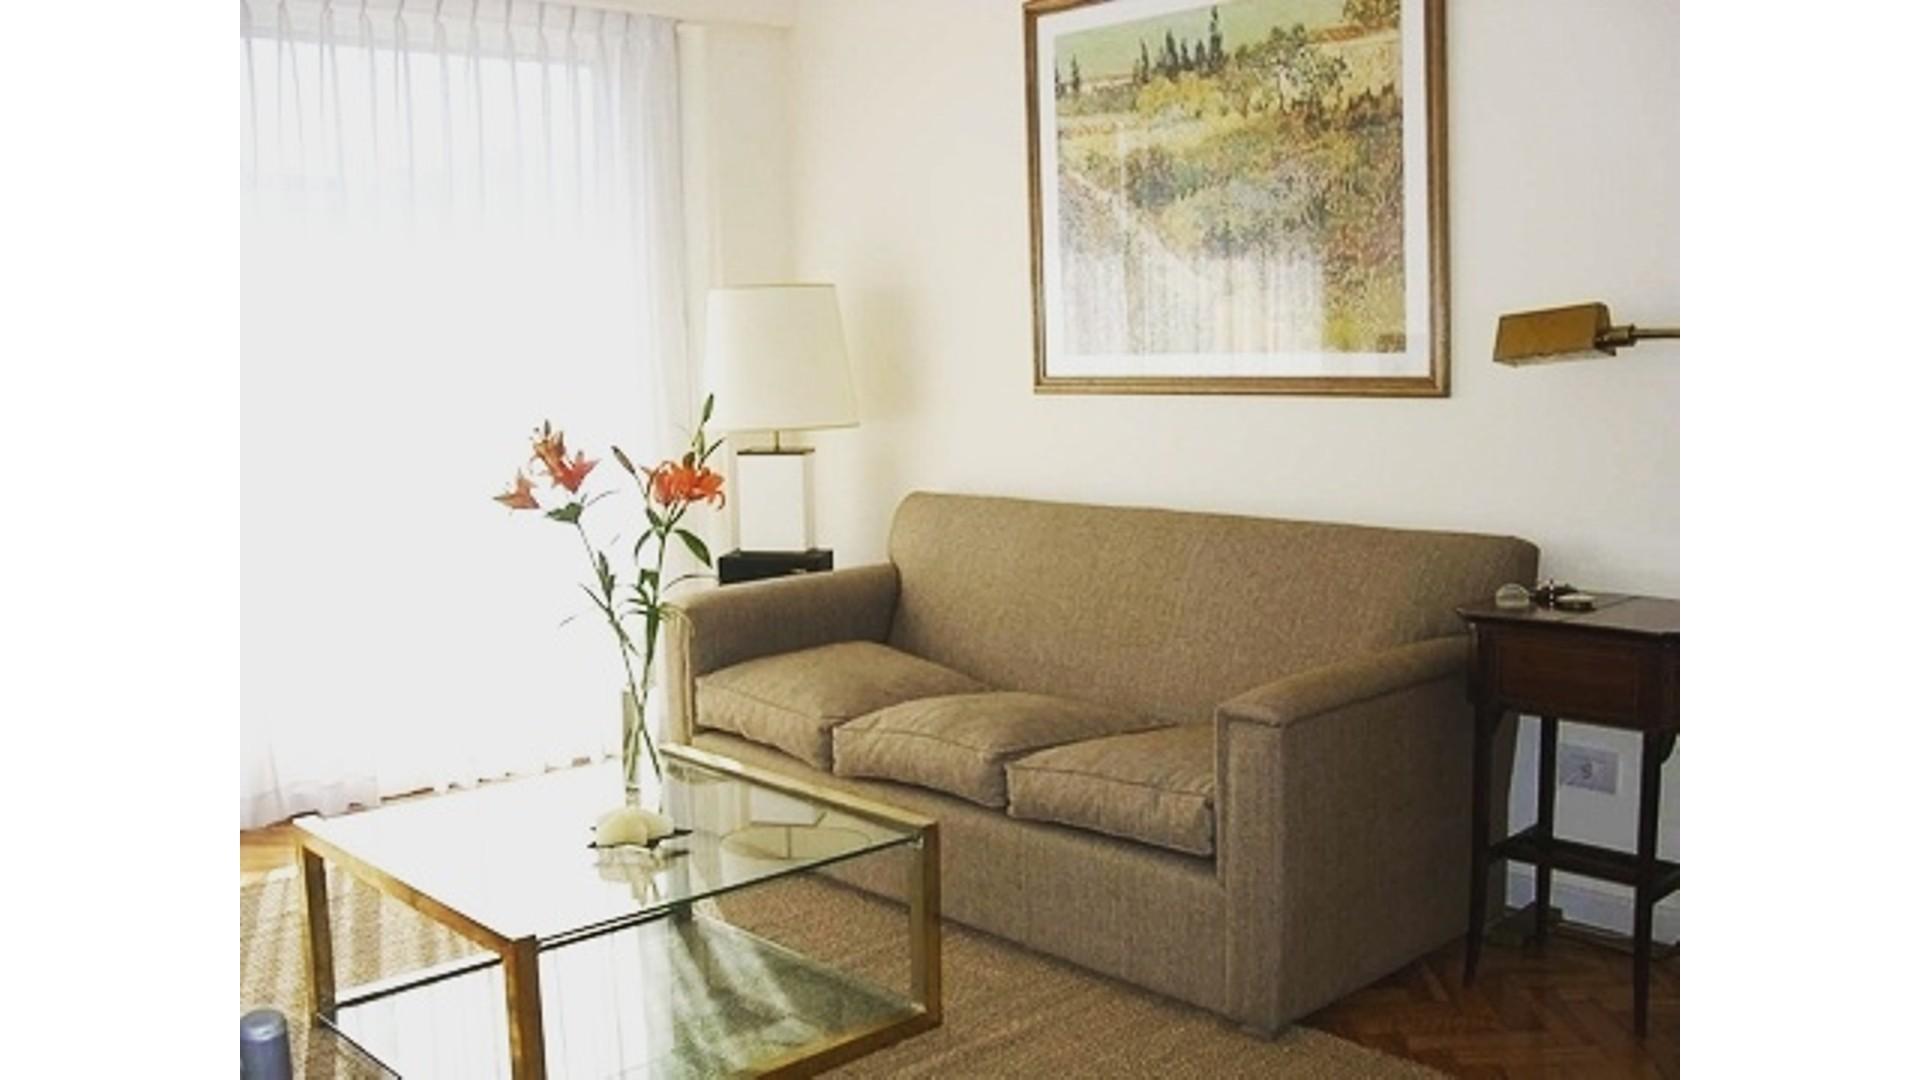 Departamento 2 dormitorios en Alquiler Temporario